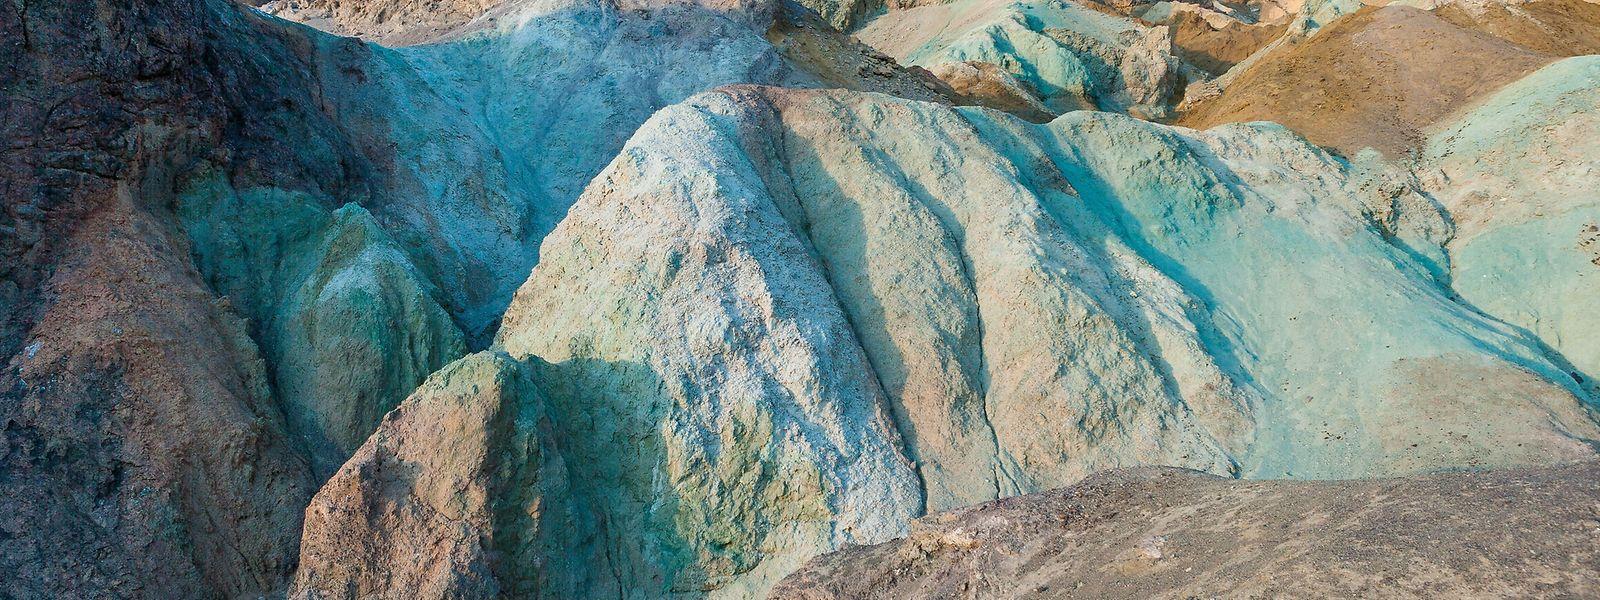 """Wunder der Natur: Die""""Artist's Palette"""" beeindruckt mit ihren bunten Mineralformationen."""